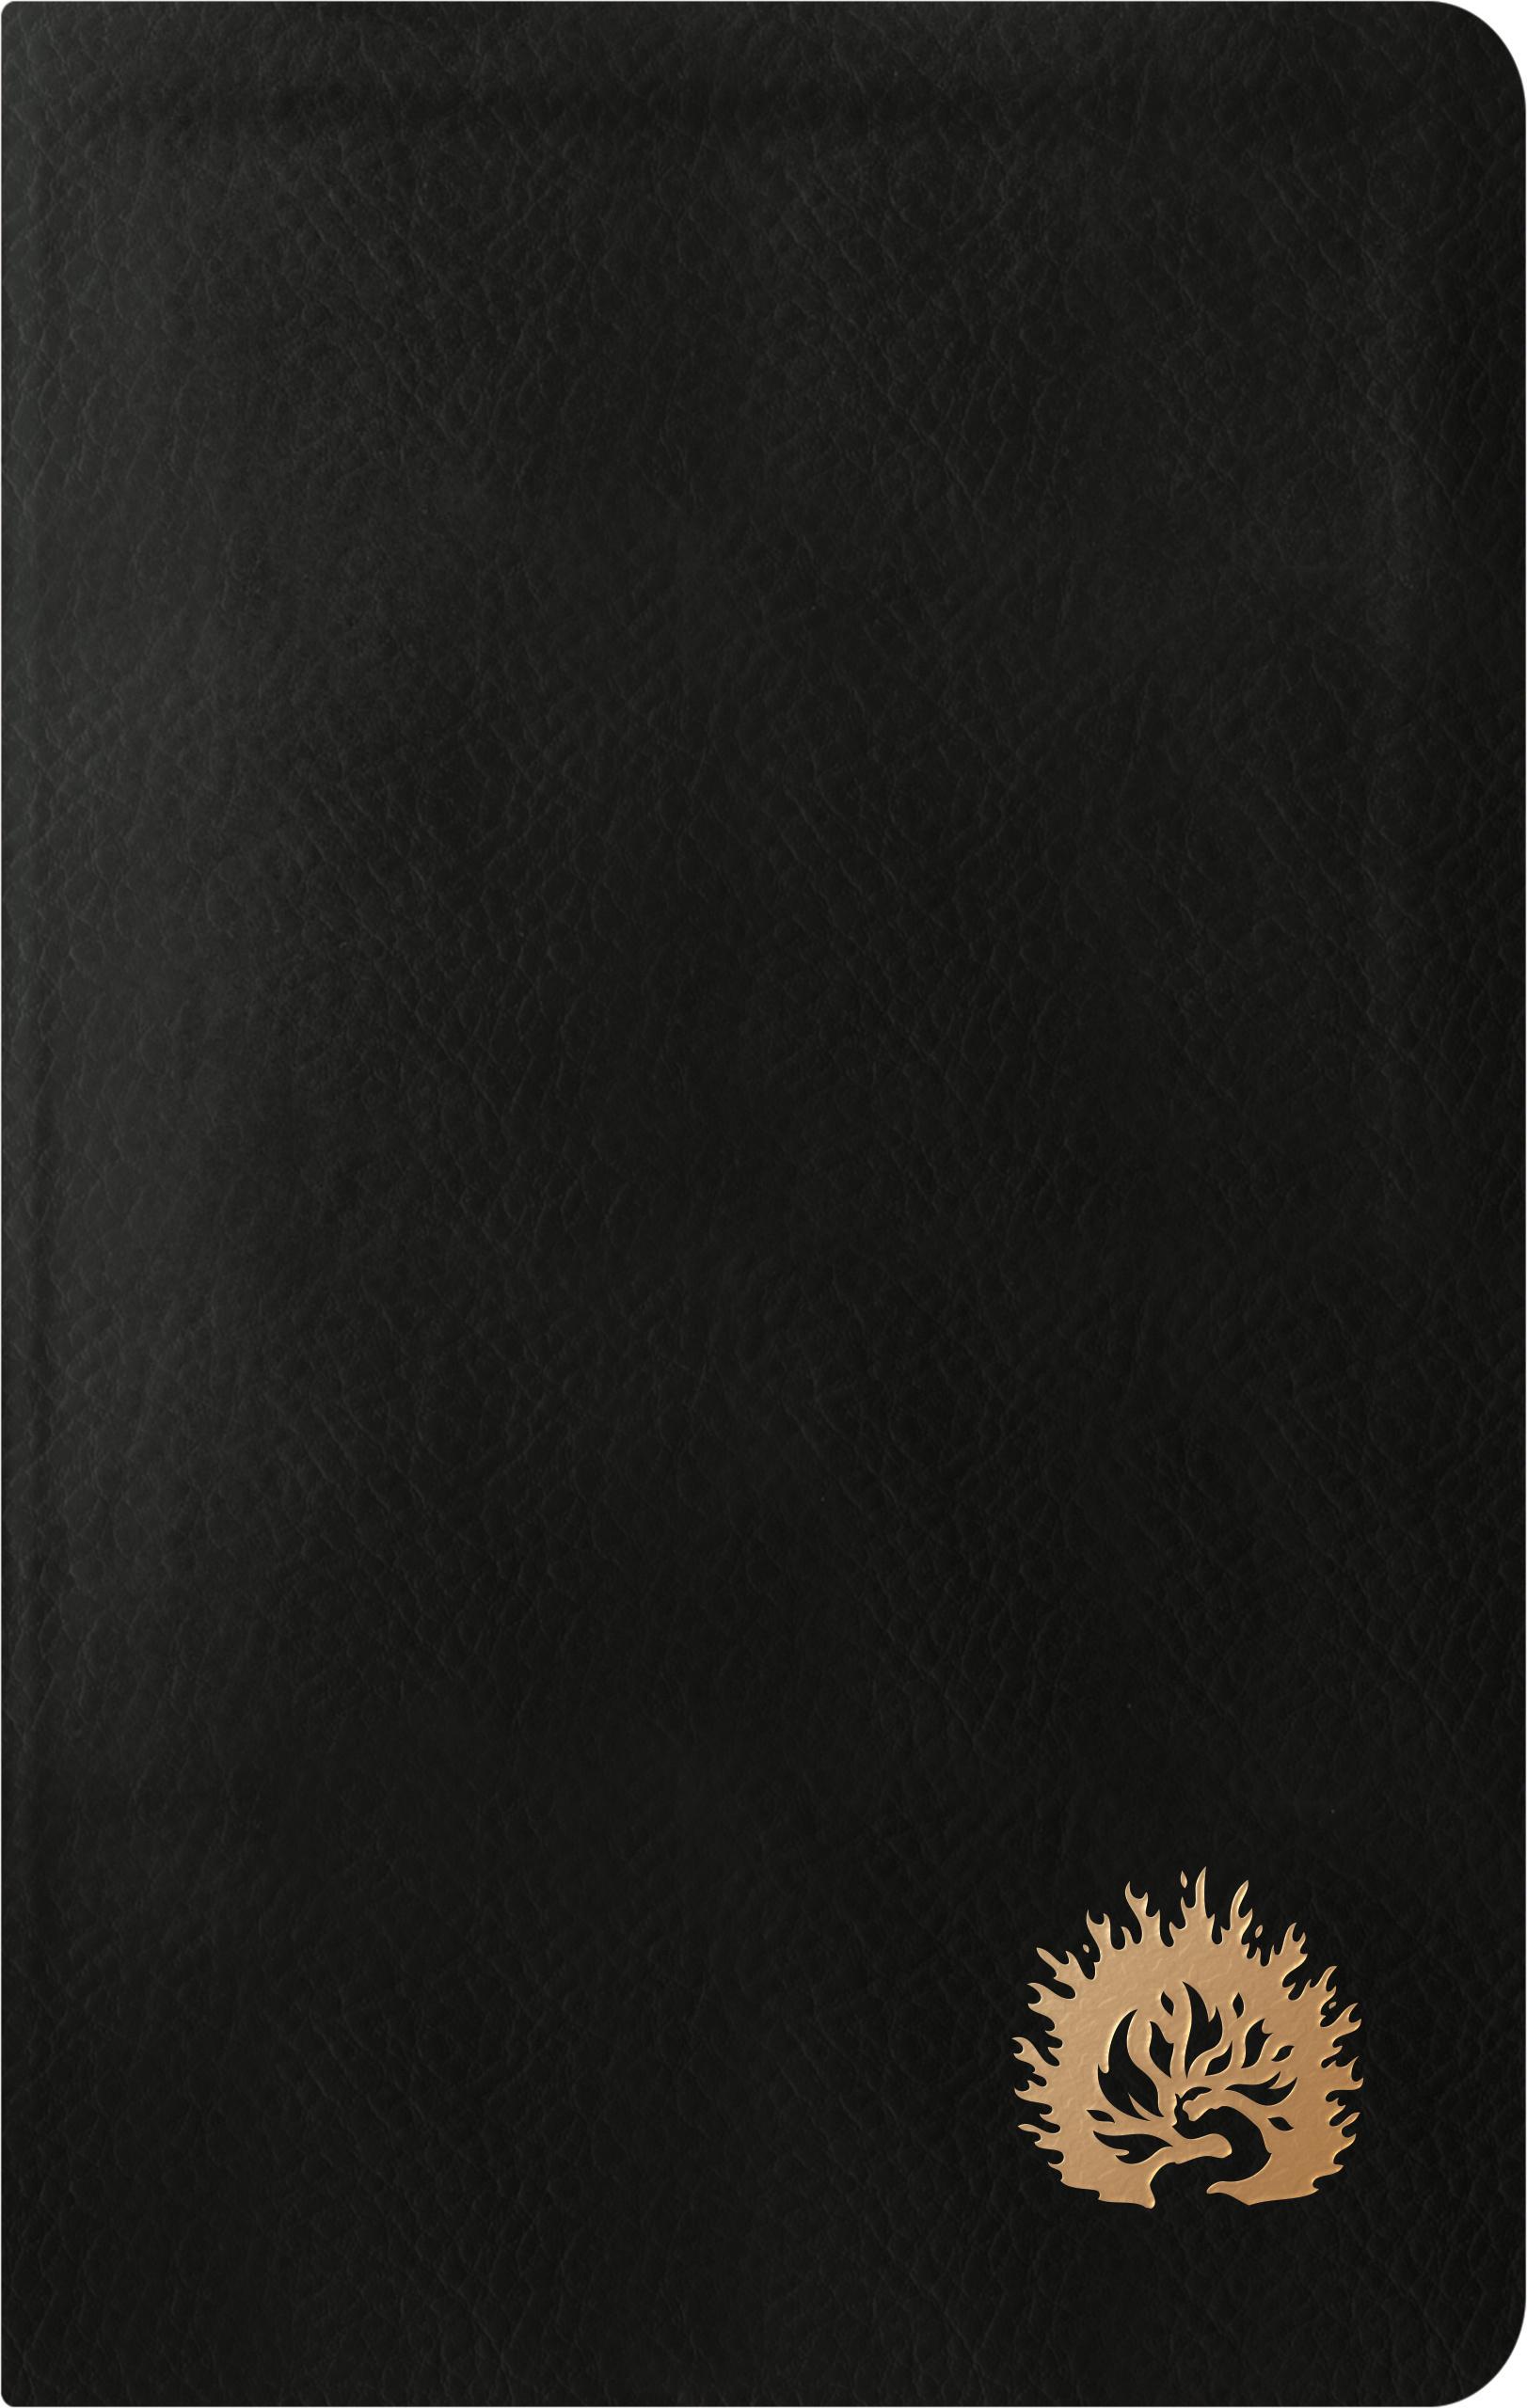 ESV Reformation Study Bible, Condensed Edition, Black